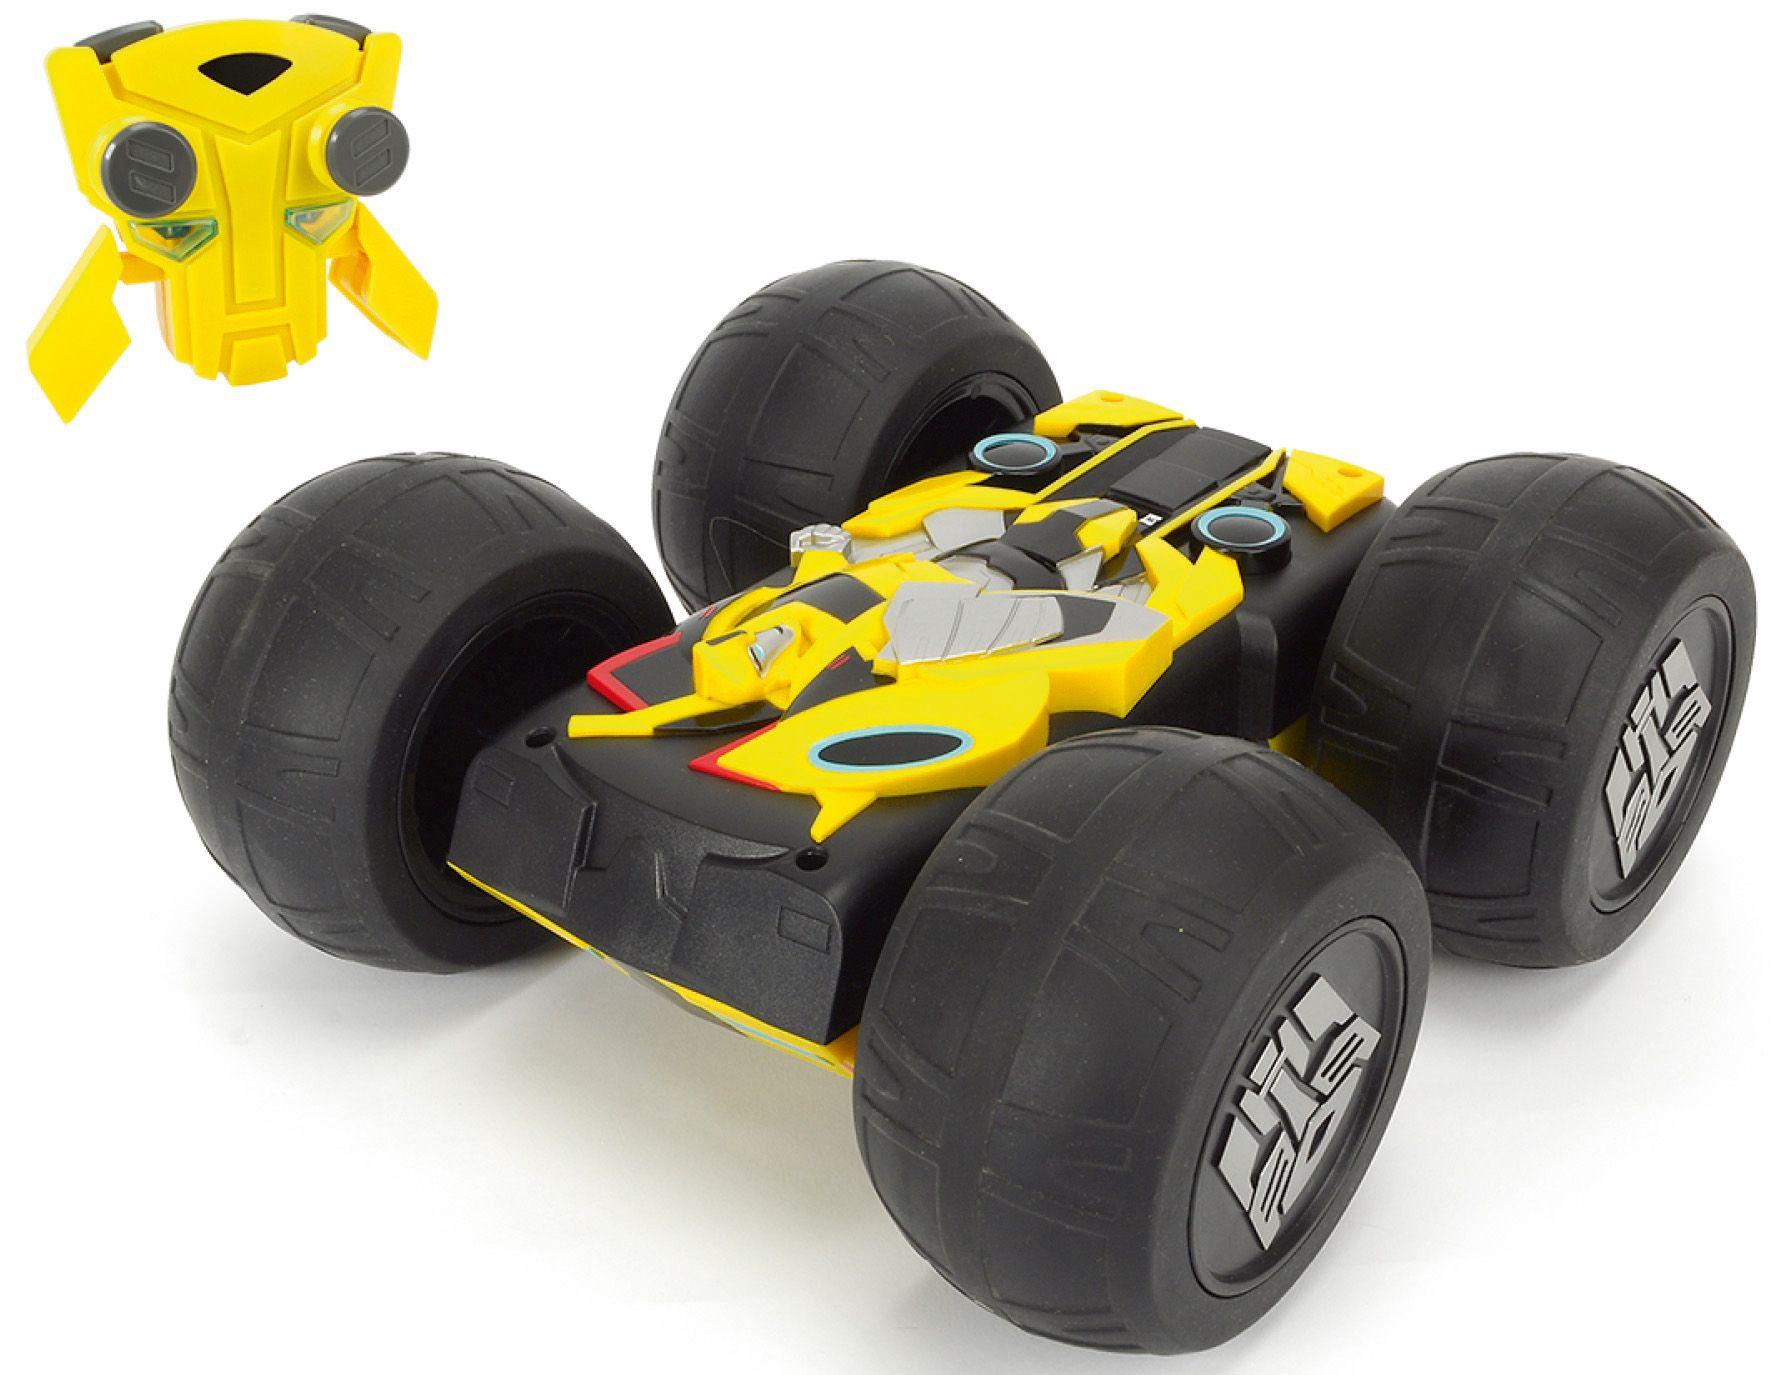 DICKIE TOYS Dickie RC Flip 'N'Race Bumblebee RTR 2.4 Ghz